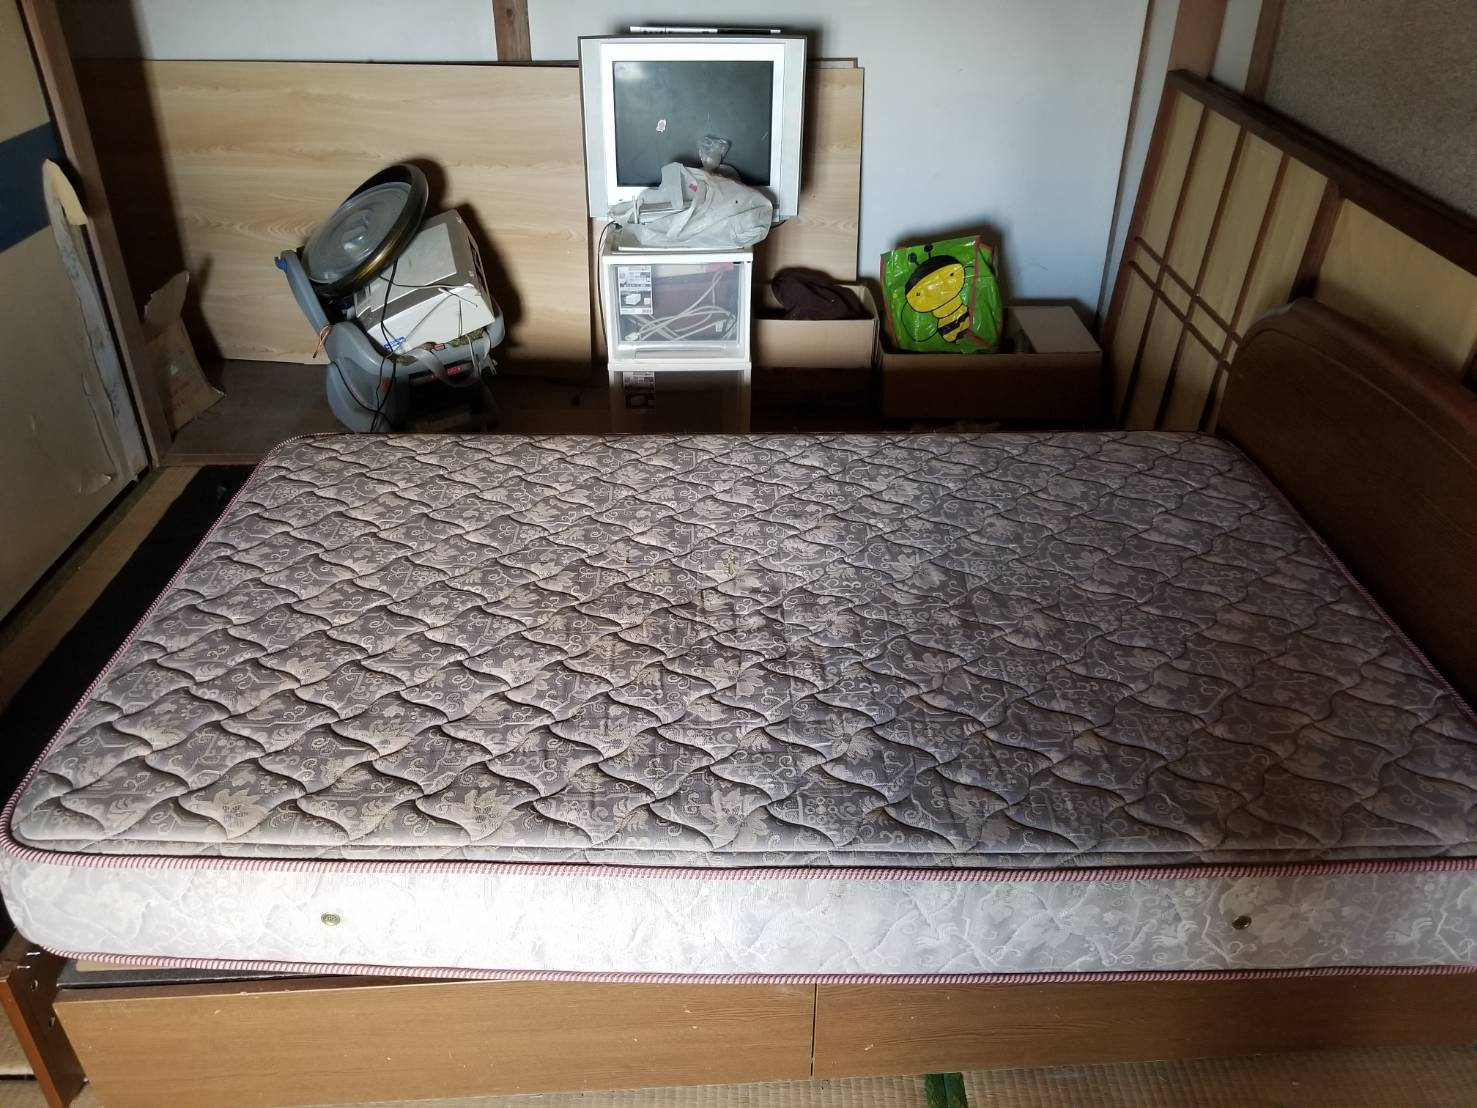 ベッド、マットレス、テレビの回収前